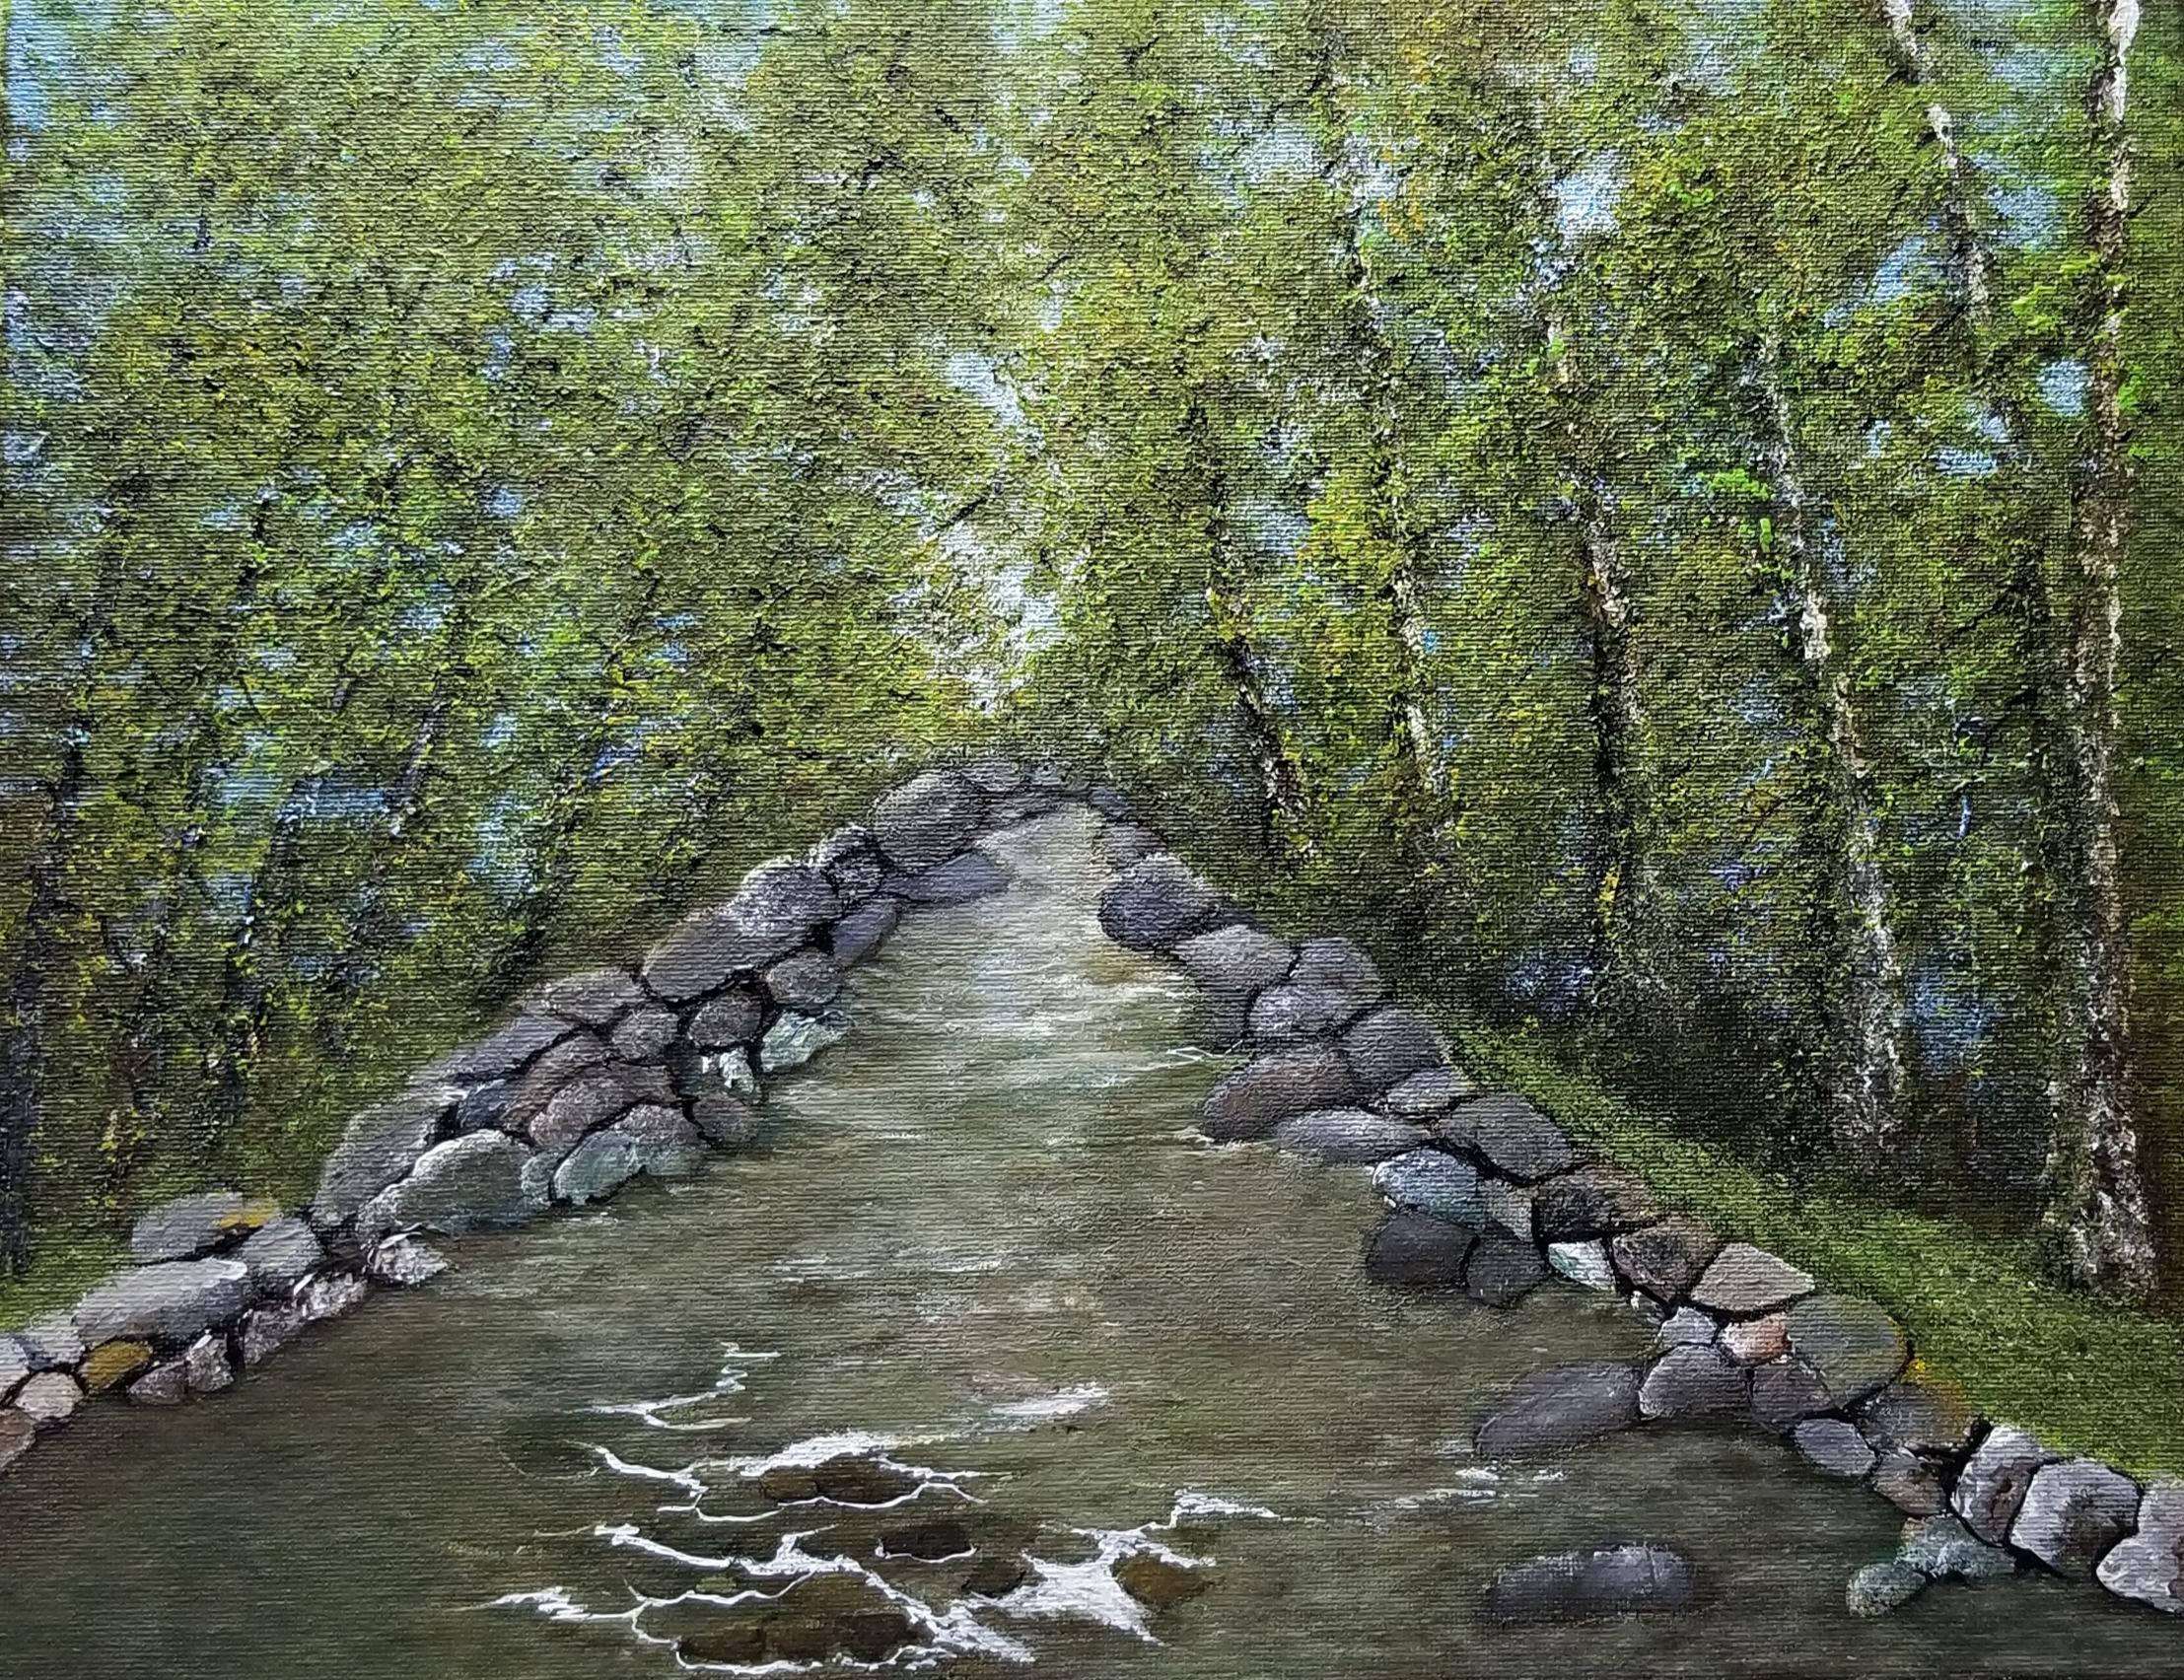 Lackey_Maury River_Acrylic 11 X 14_ 6.5.19.jpg